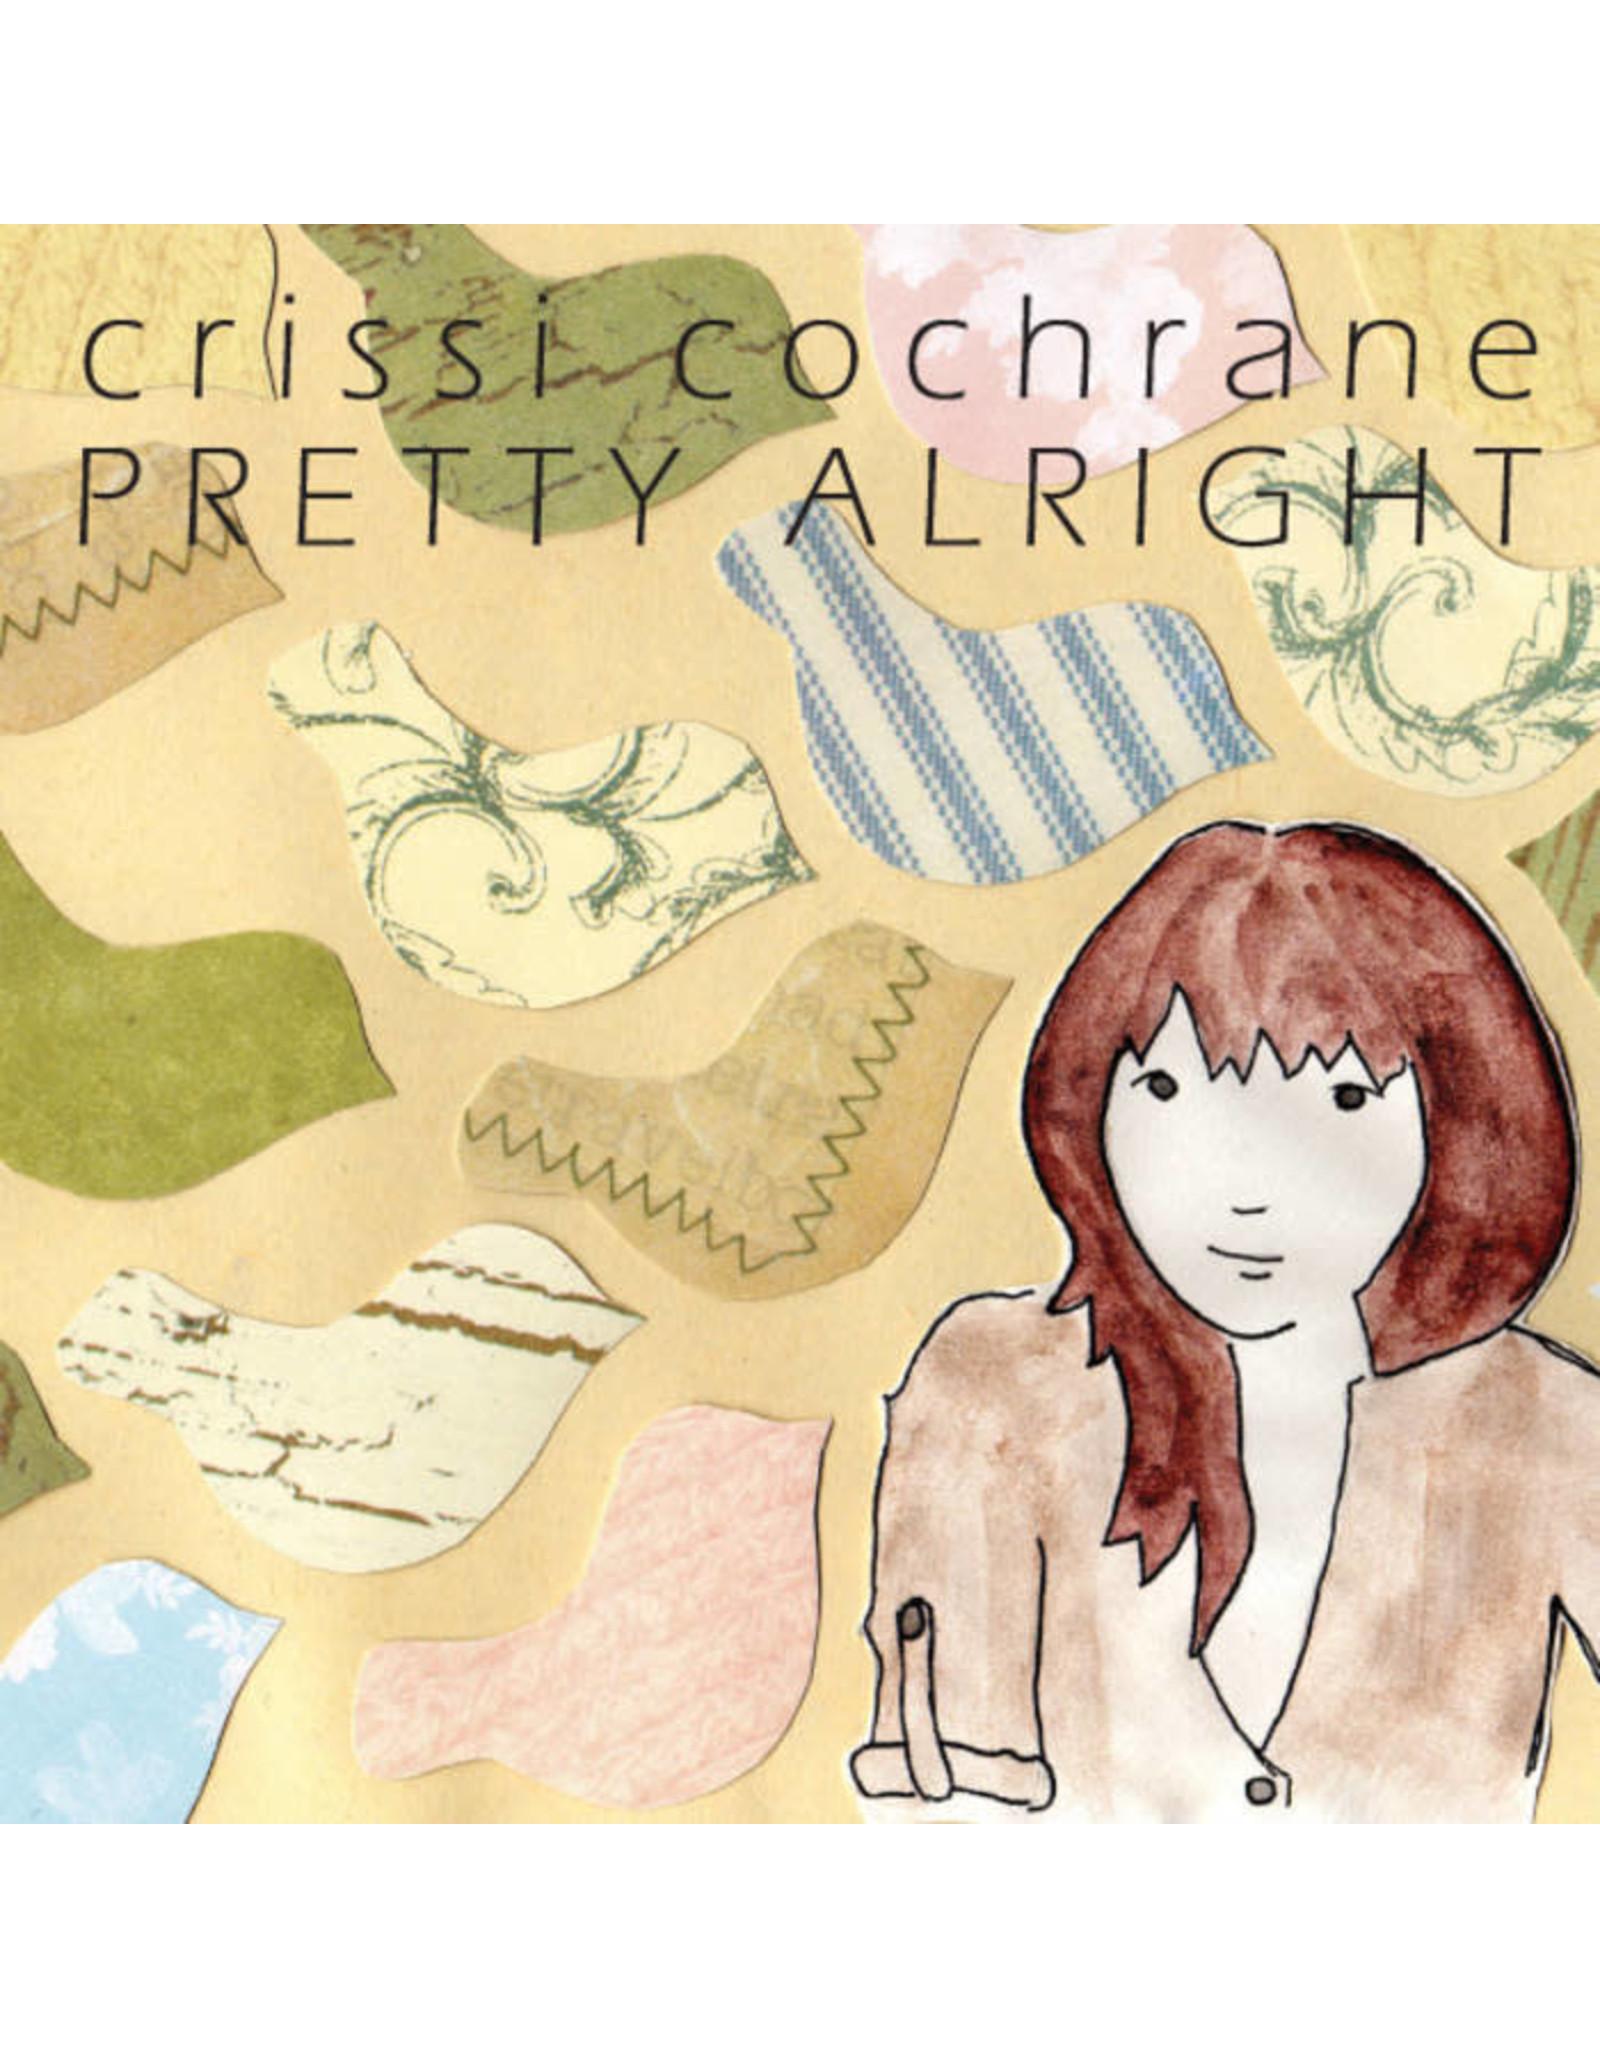 Cochrane, Crissi - Pretty Alright CD